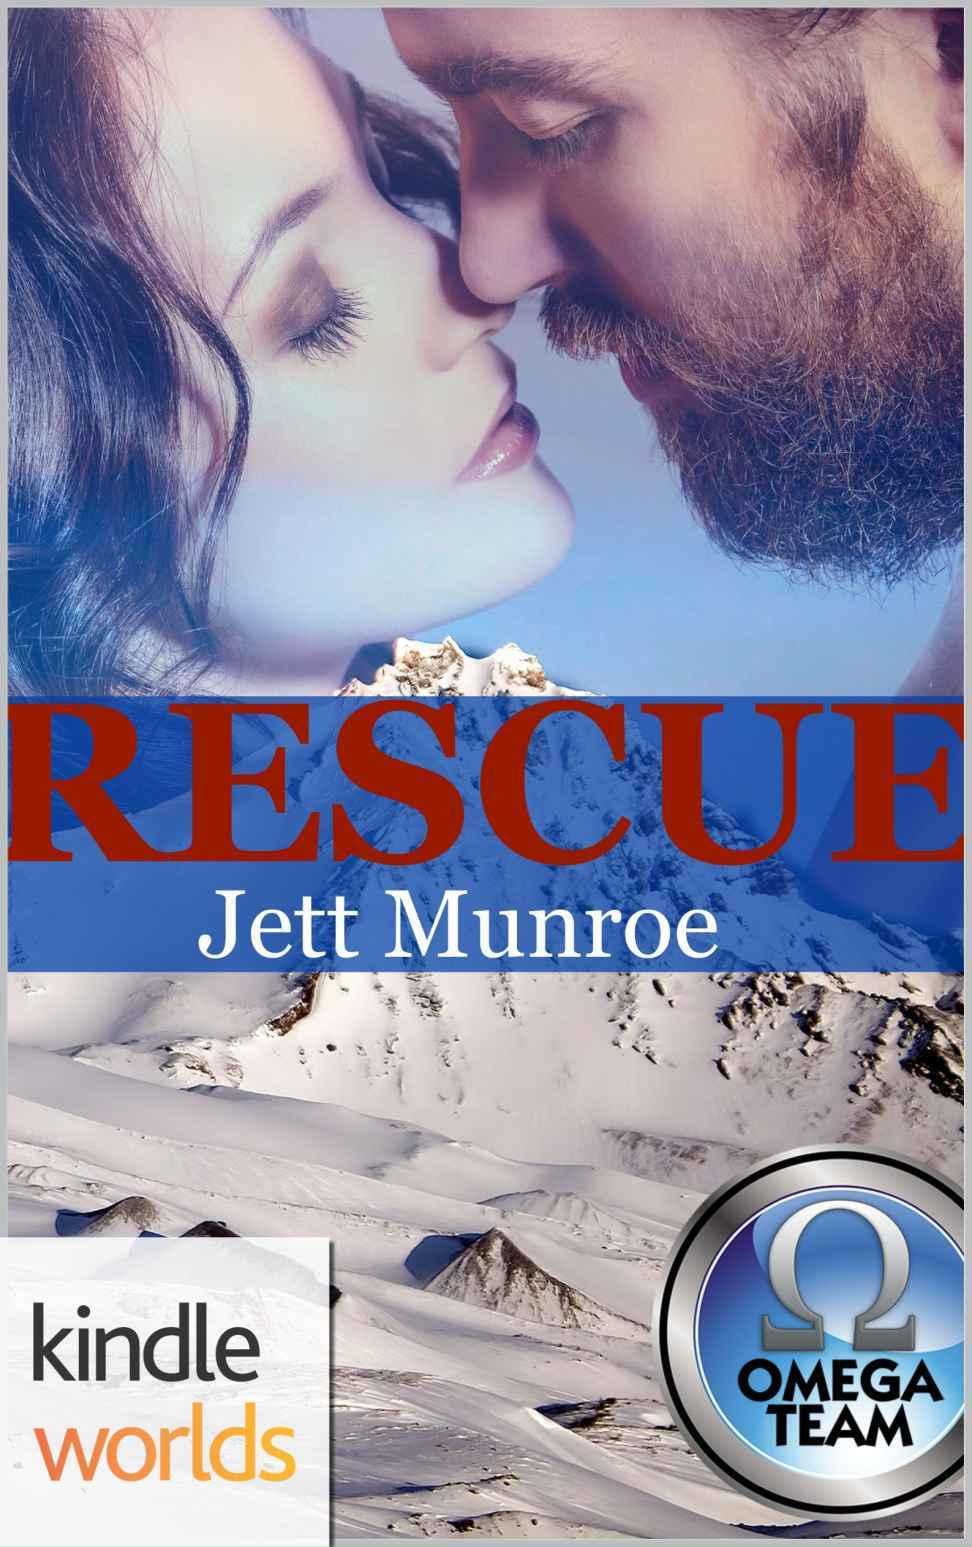 Omega Team Rescue